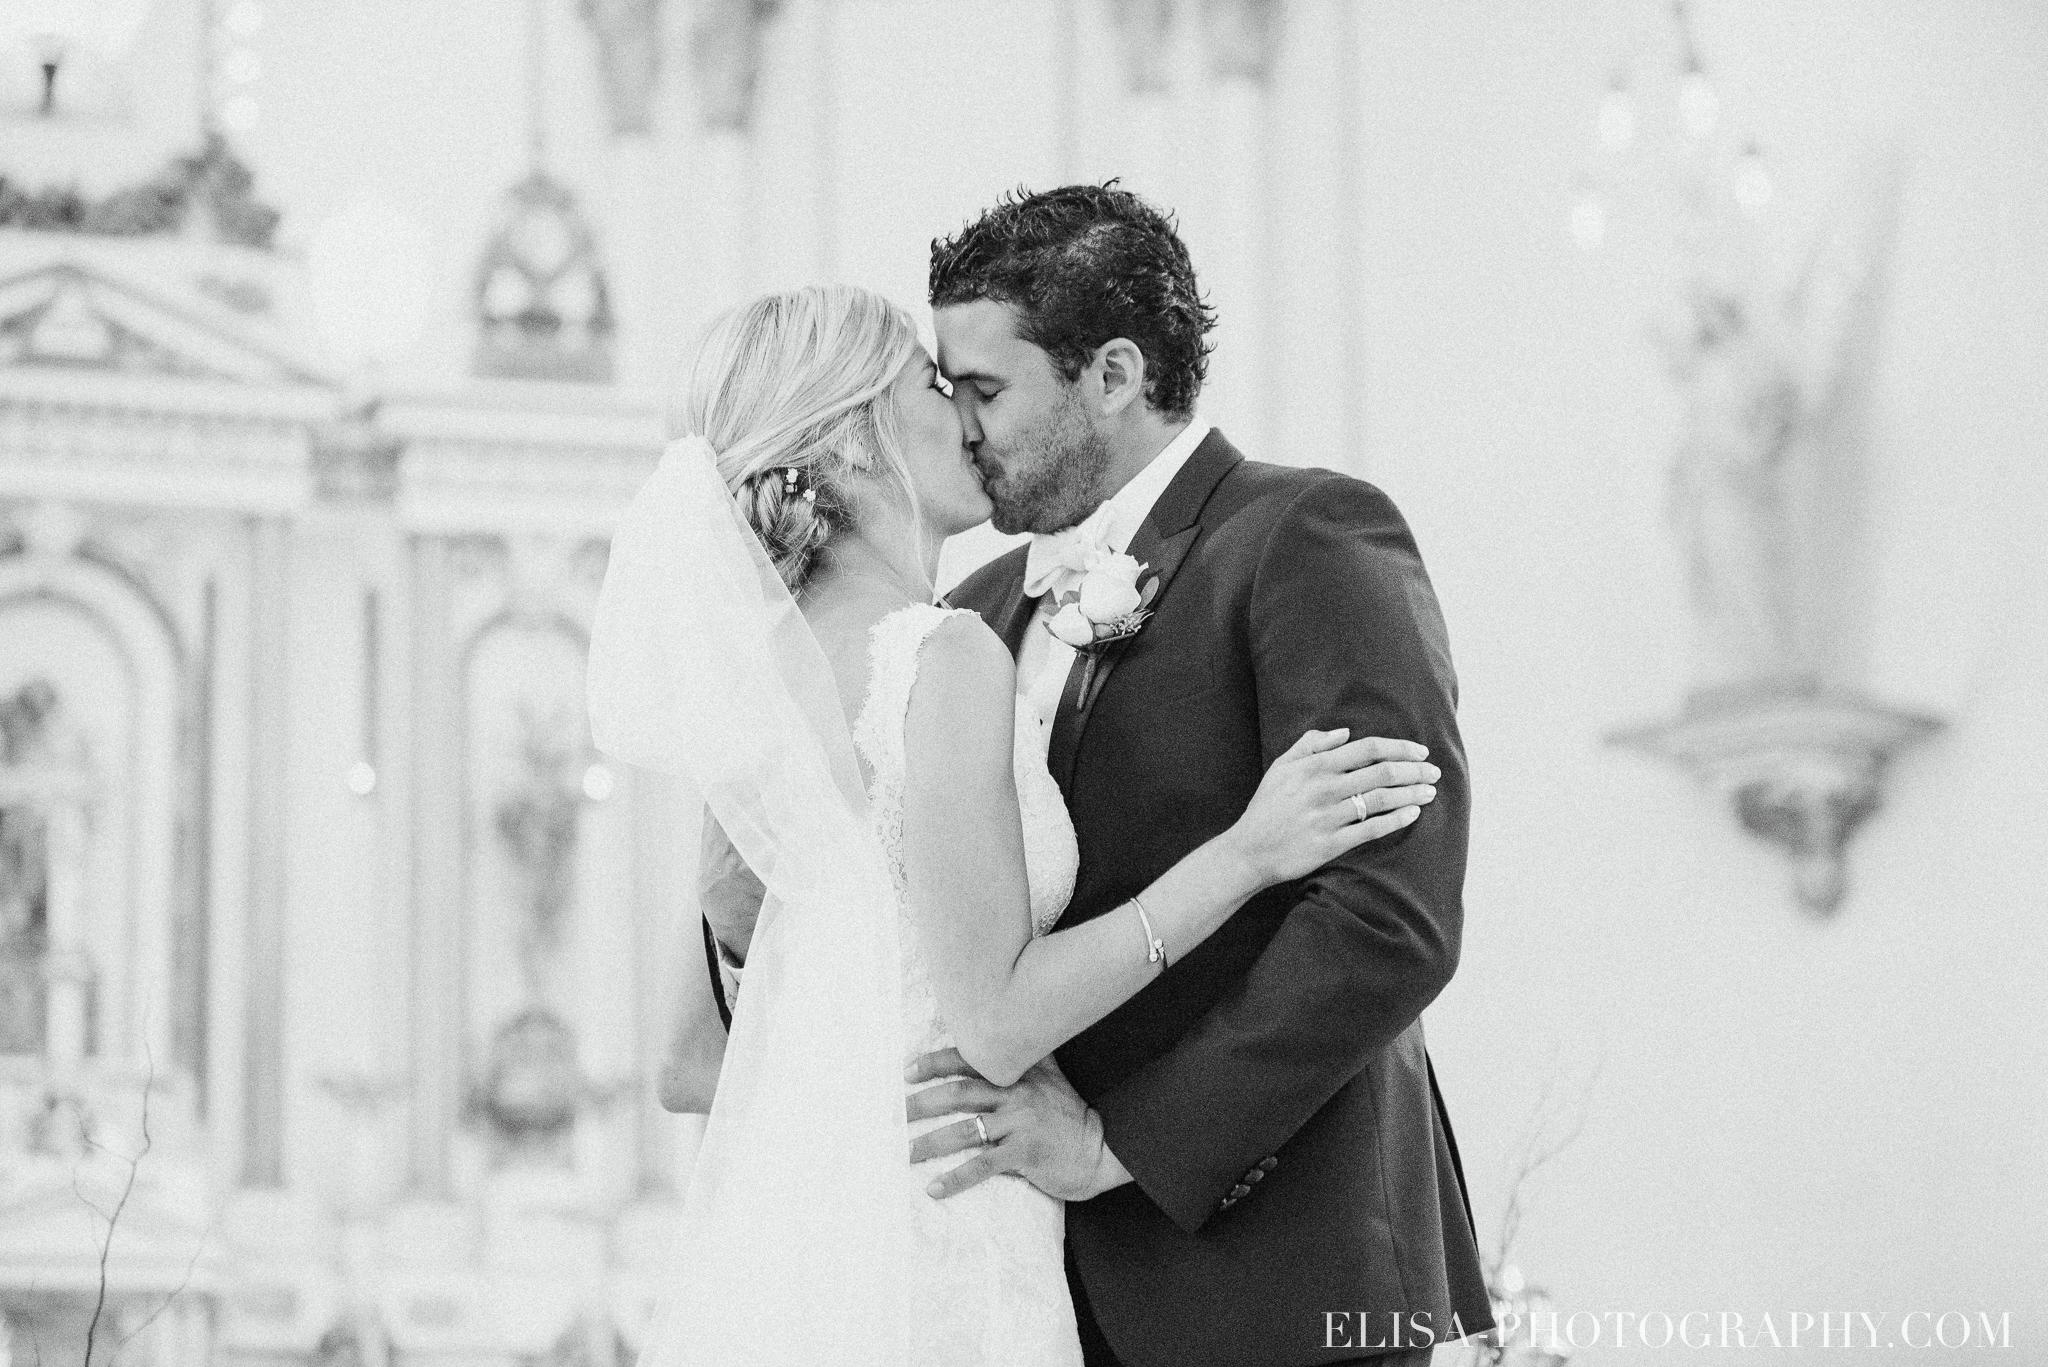 photo mariage couple eglise baiser domaine prive estate bord de l eau 3763 - Mariage sur un domaine privé au bord de l'eau: Emmanuelle & Marc-Antoine